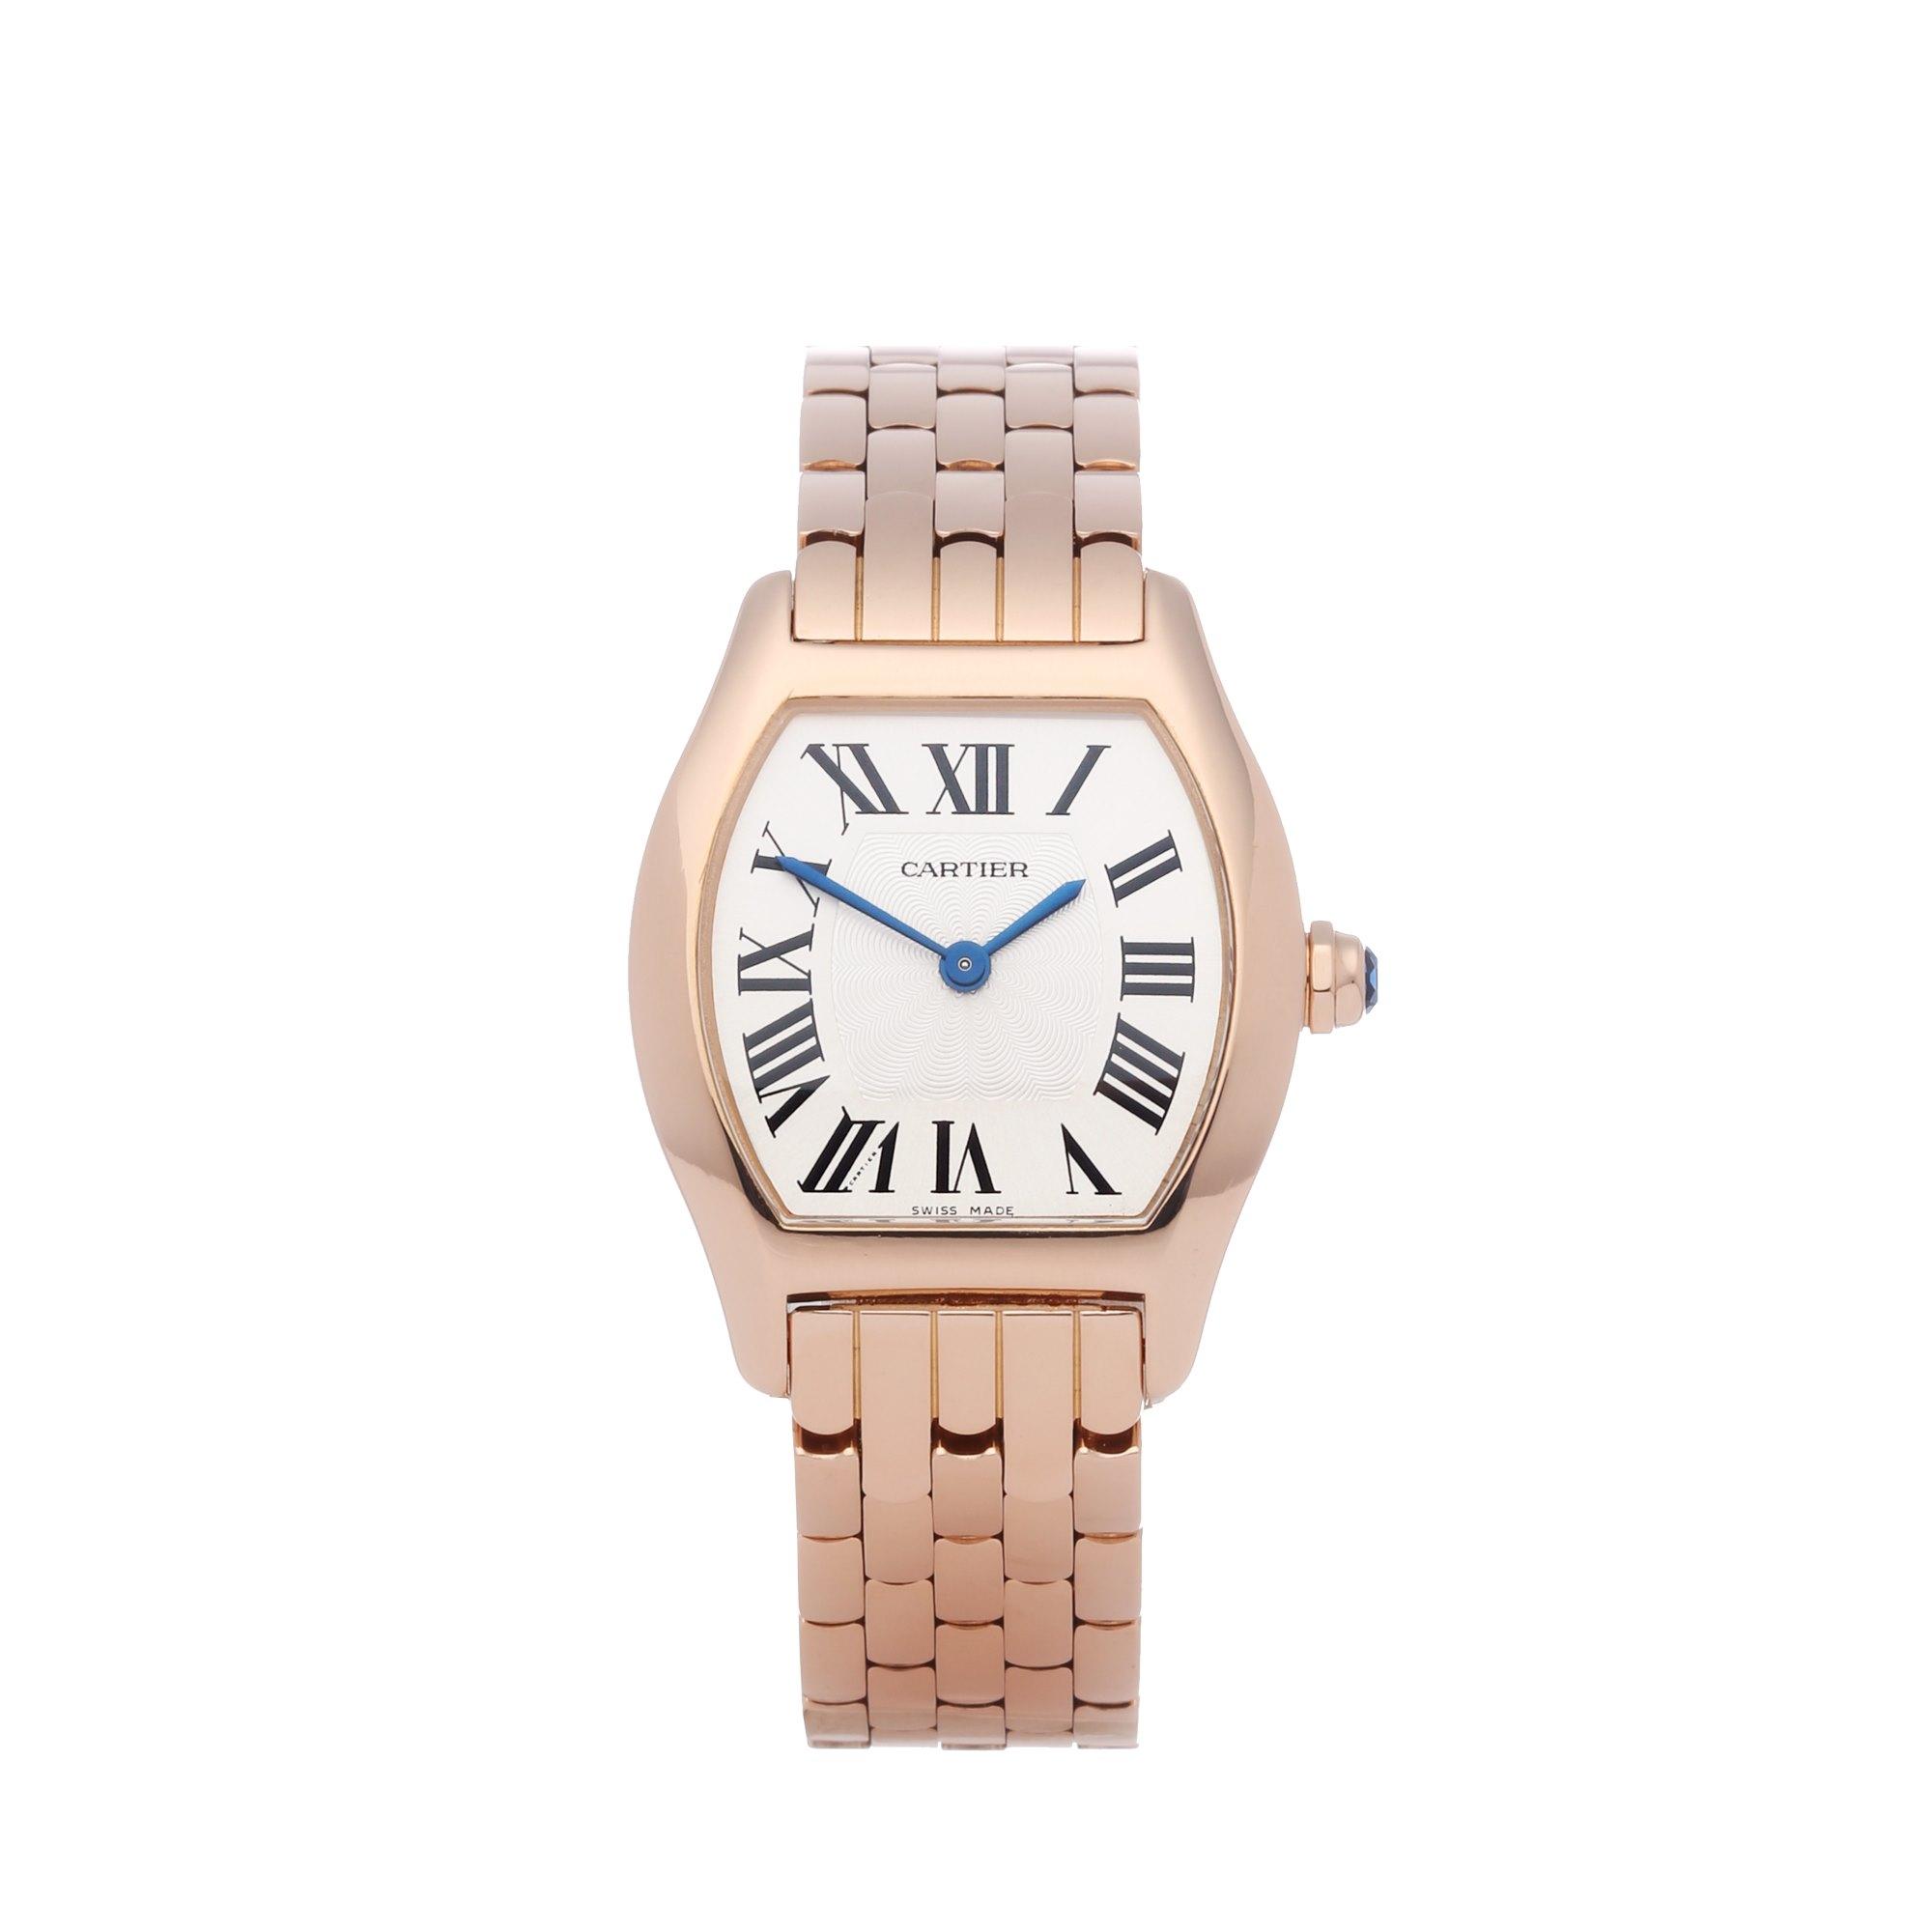 Cartier Tortue 18K Rose Goud 3698